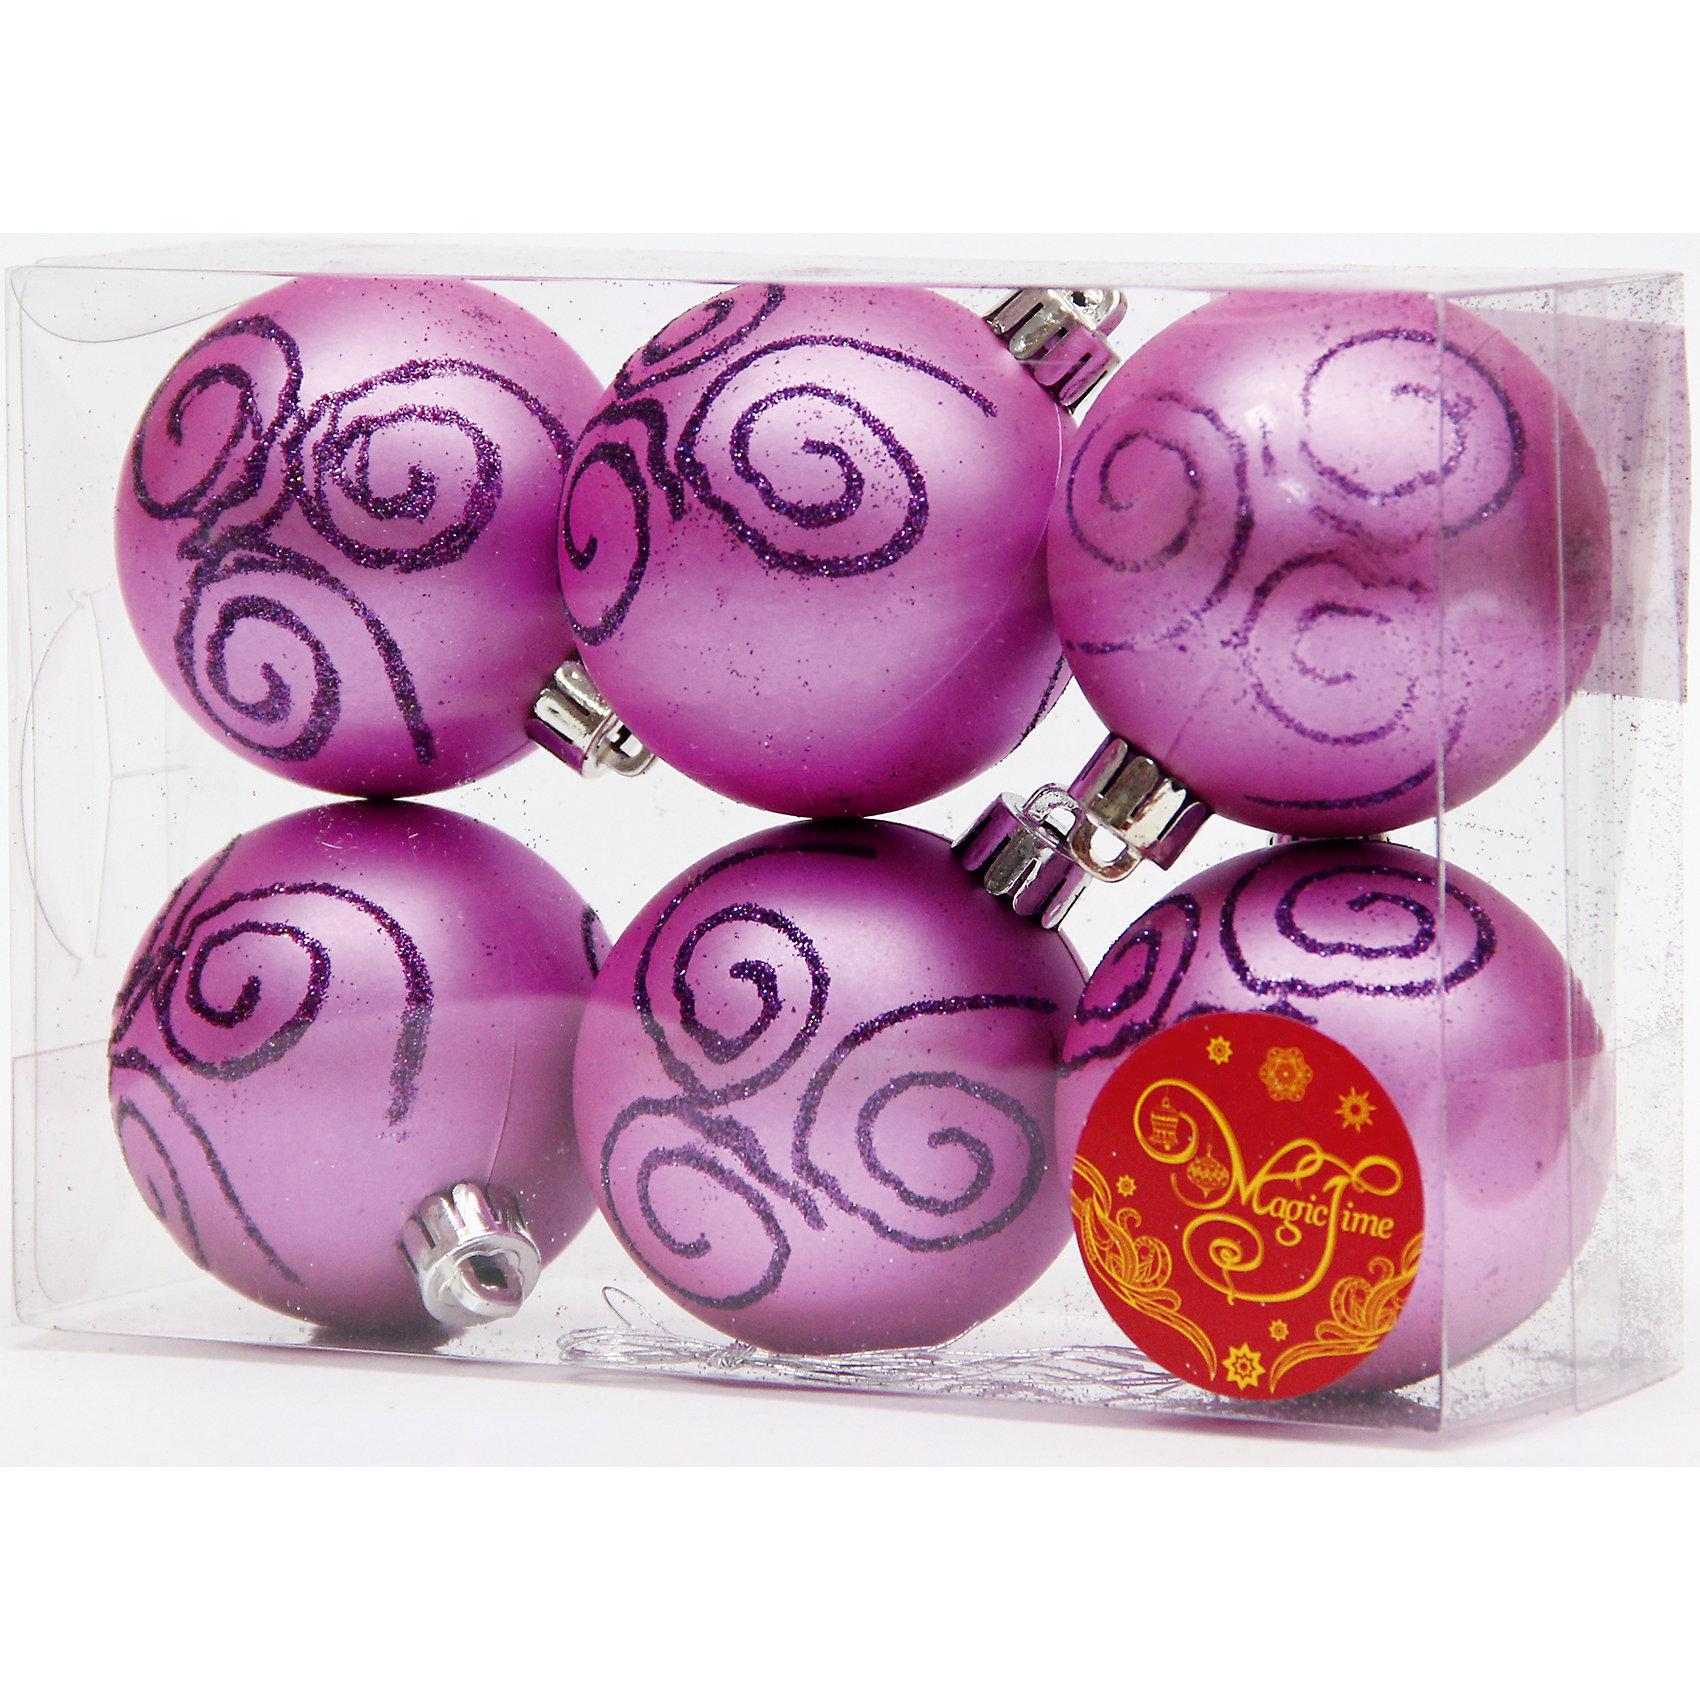 Набор шаров Фиолетовый с пурпурной вьюгой 6 штНовый год - самый любимый праздник у многих детей и взрослых. Праздничное настроение создает в первую очередь украшенный дом и, особенно, наряженная ёлка. Будь она из леса или искусственная - такой набор украсит любую!<br>Он сделан тиз безопасного для детей, прочного, но легкого, материала, поэтому не разобьется, упав на пол. Благодаря расцветке украшение отлично смотрится на ёлке. Создайте с ним праздничное настроение себе и близким!<br><br>Дополнительная информация:<br><br>цвет: фиолетовый;<br>материал: полистирол;<br>комплектация: 6 шт;<br>размер: 6 см.<br><br>Набор шаров Фиолетовый с пурпурной вьюгой 6 шт можно купить в нашем магазине.<br><br>Ширина мм: 300<br>Глубина мм: 250<br>Высота мм: 100<br>Вес г: 550<br>Возраст от месяцев: 36<br>Возраст до месяцев: 2147483647<br>Пол: Унисекс<br>Возраст: Детский<br>SKU: 4981561